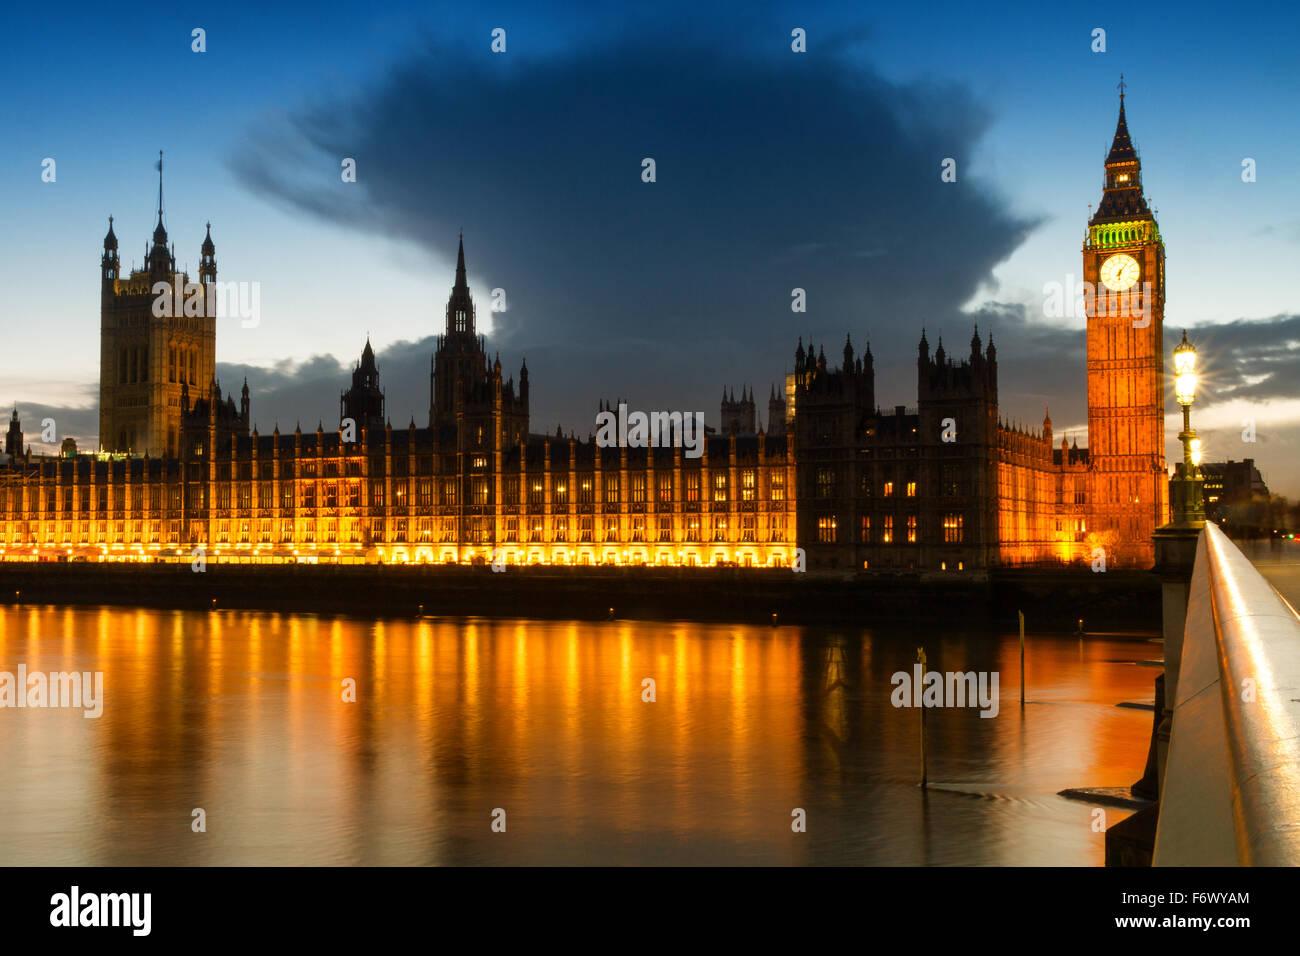 Eis-Wolke über den Houses of Parliament in London, England Stockbild